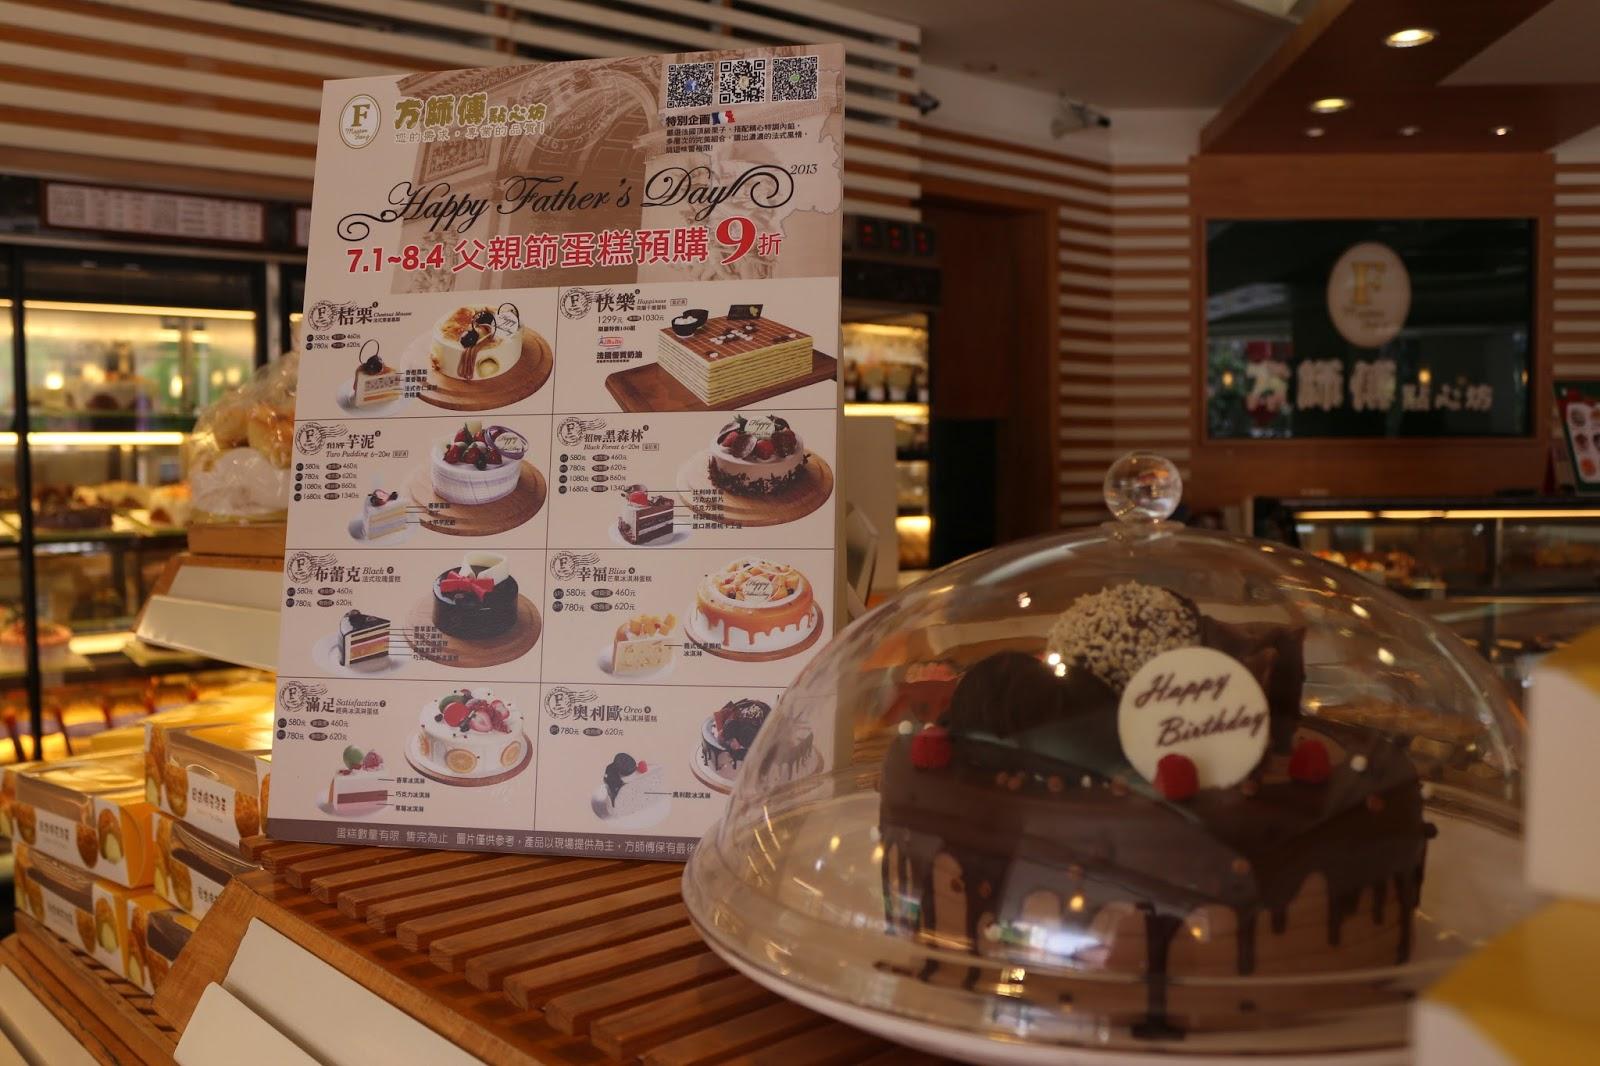 高雄鮮週報: 88蛋糕傳情